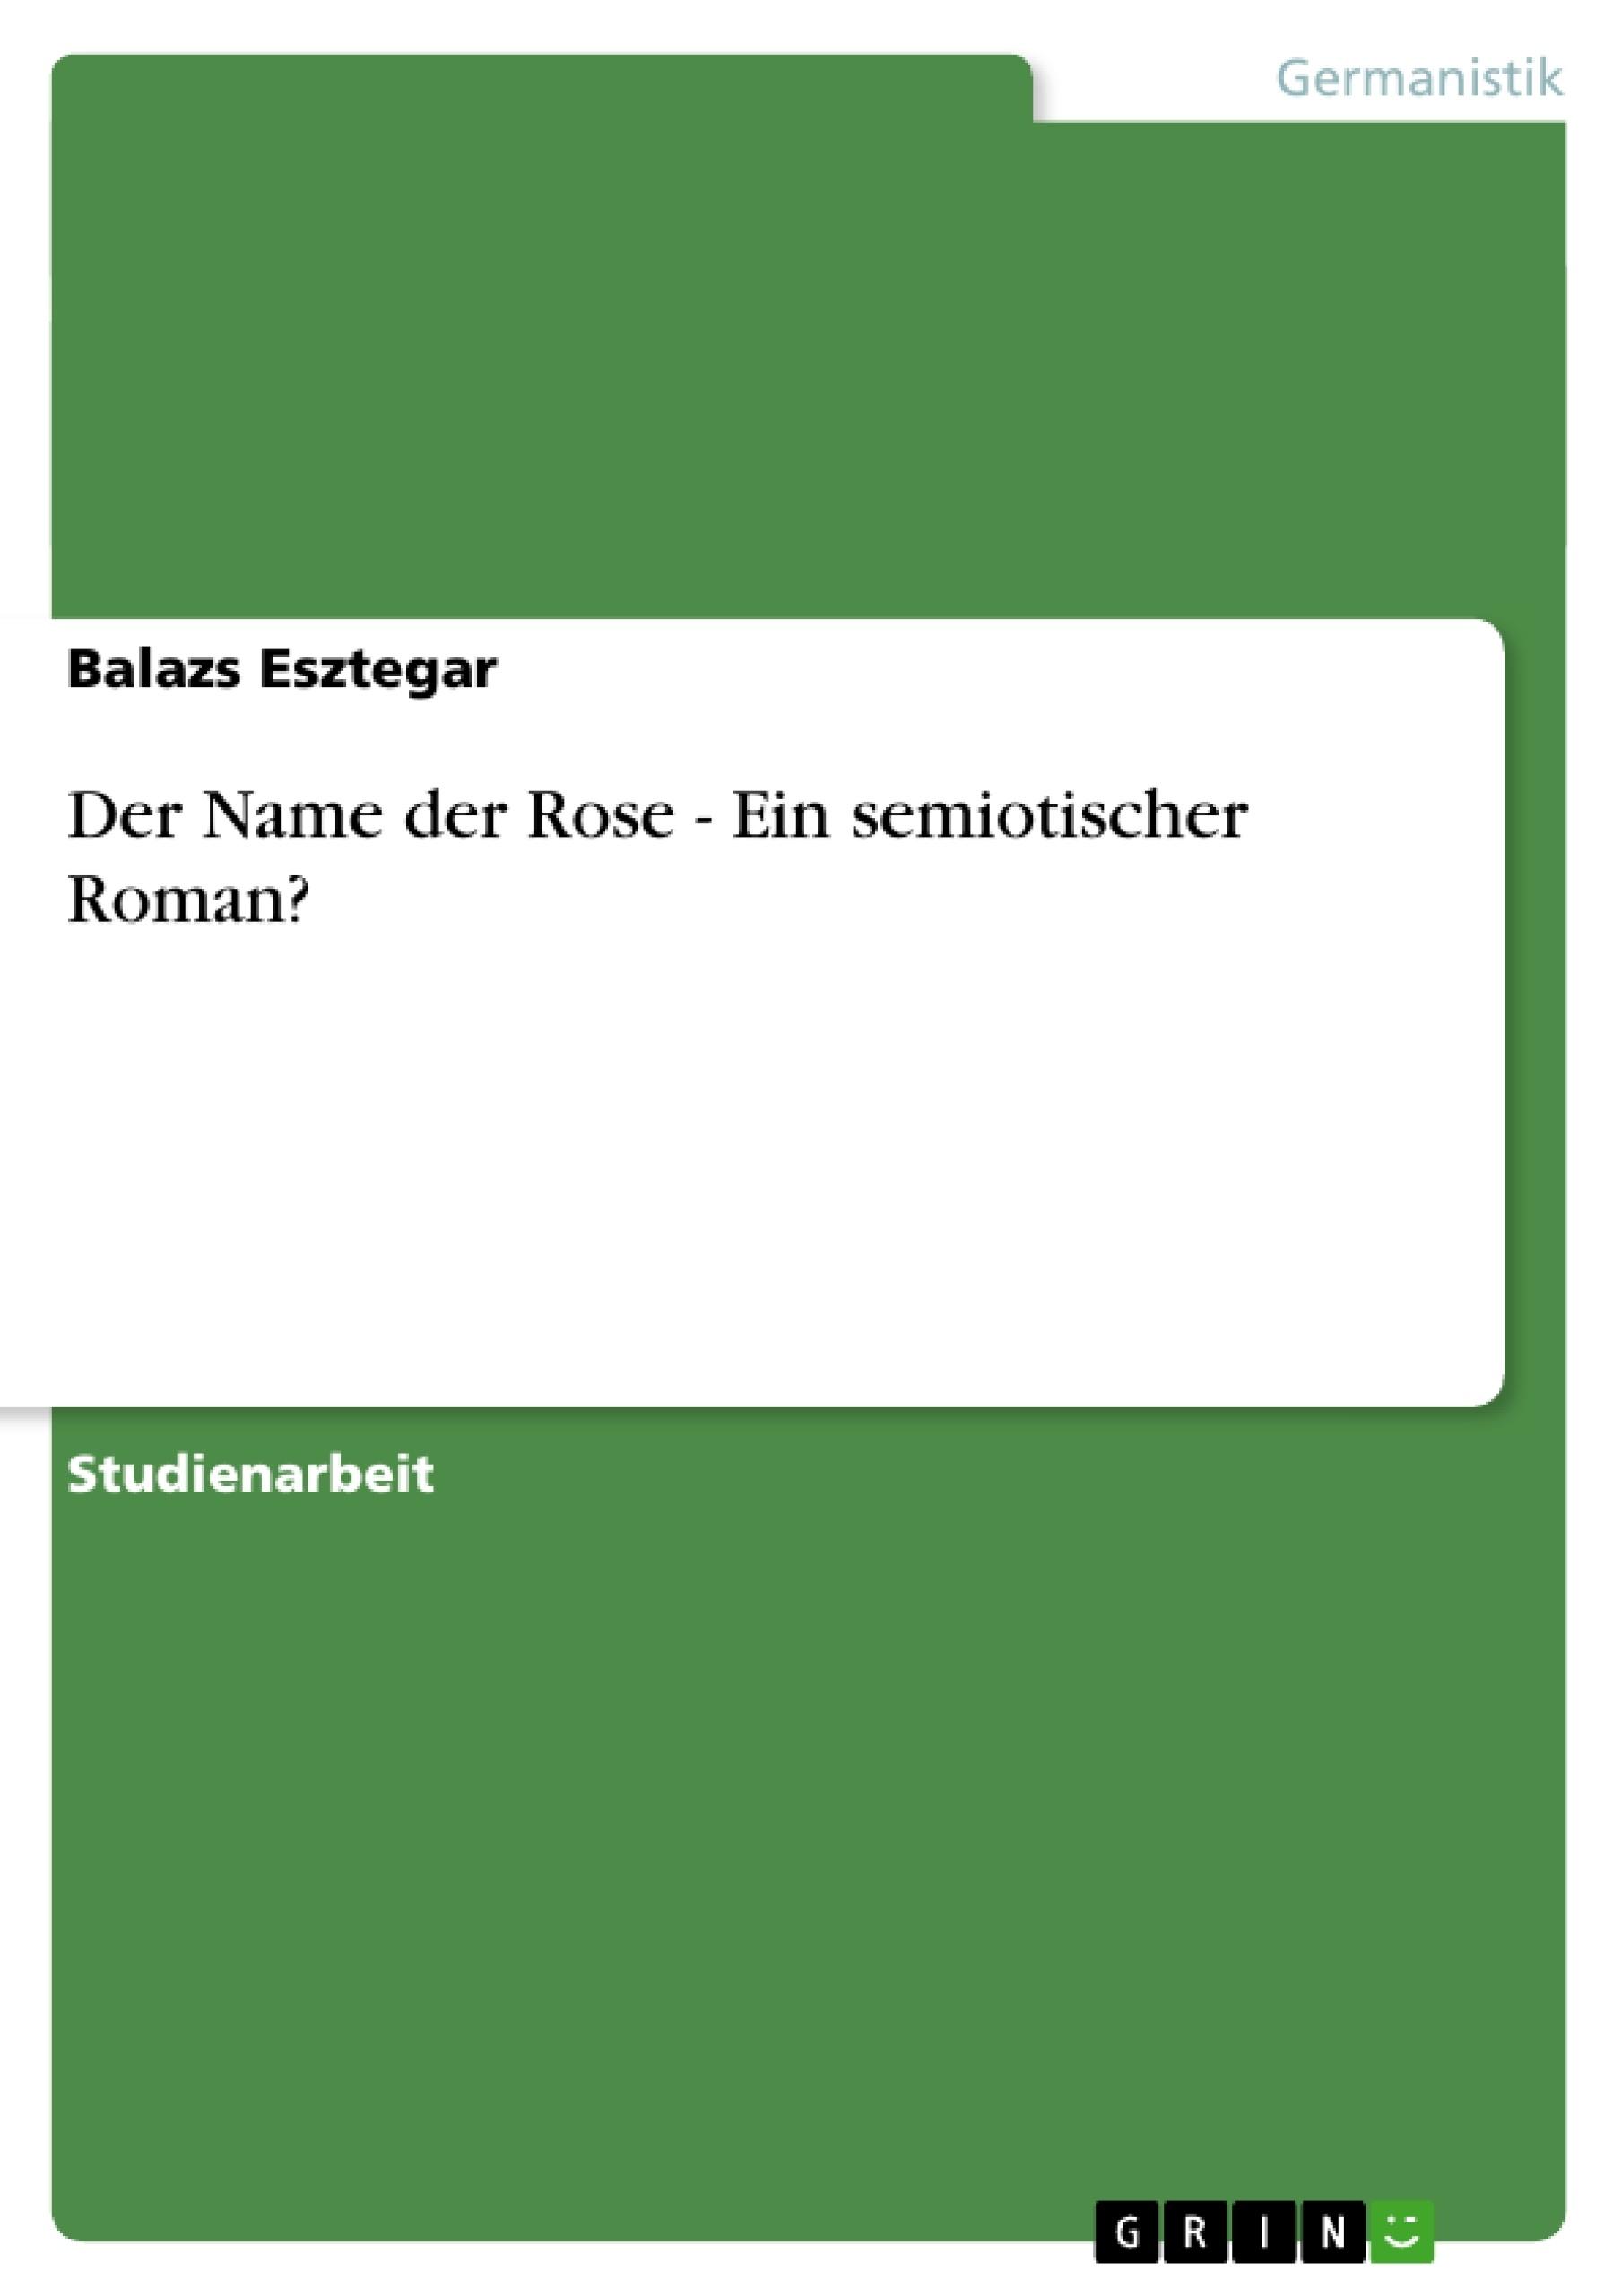 Titel: Der Name der Rose - Ein semiotischer Roman?